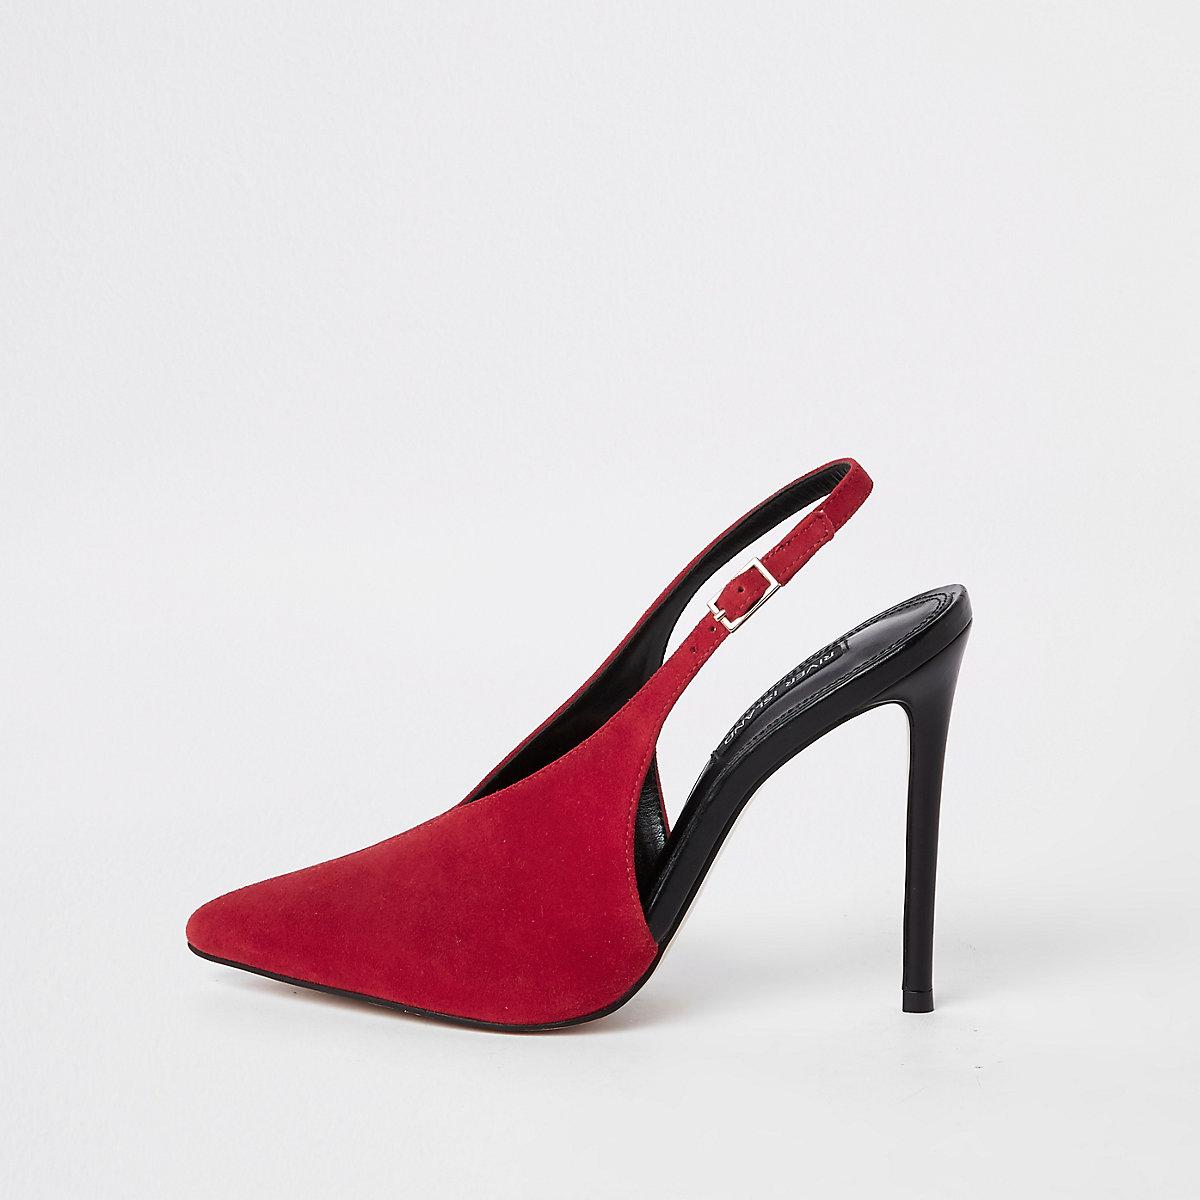 Red leather V slingback heels